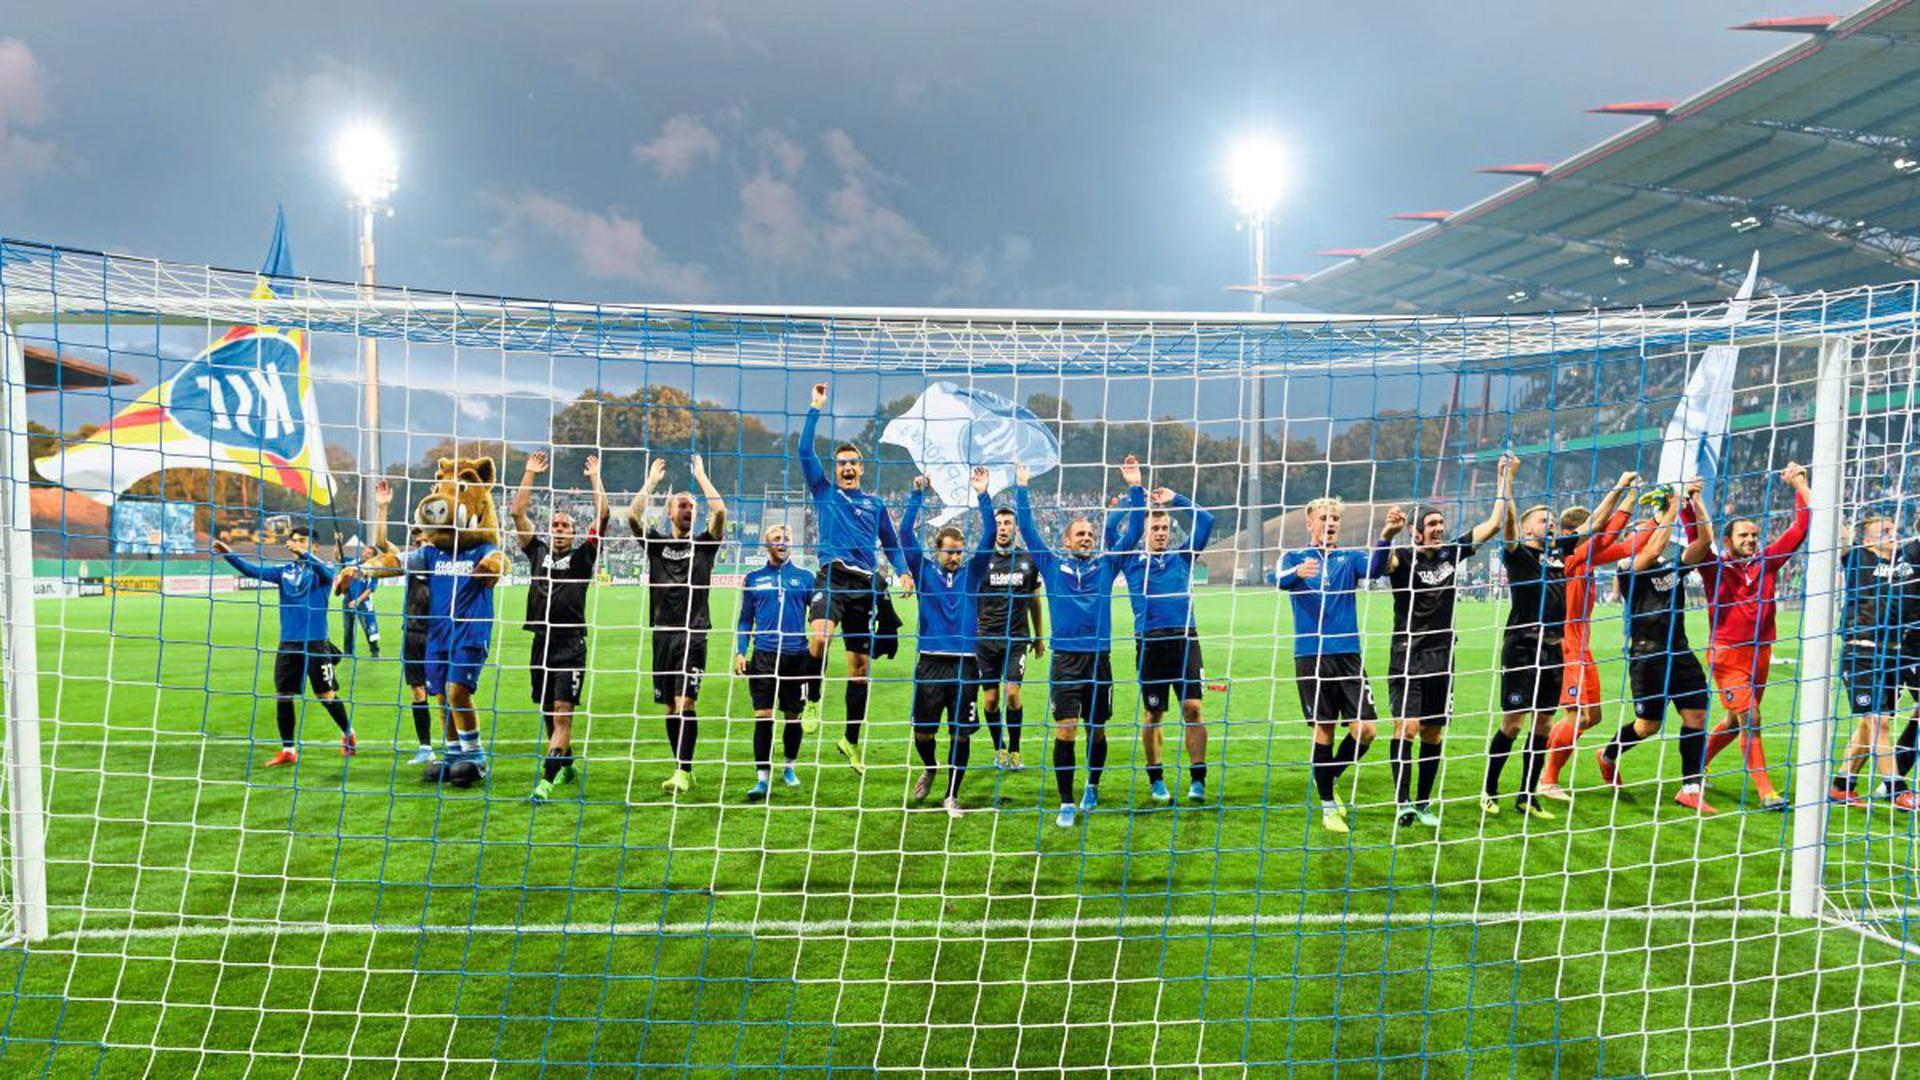 Schlussjubel und Freude beim KSC ueber den Sieg. GES/ Fussball/ DFB-Pokal, Karlsruher SC - Hannover 96, 12.08.2019 DFB-Pokal Football / Soccer: German Cup: Karlsruhe vs Hannover, Karlsruhe, August 12, 2019